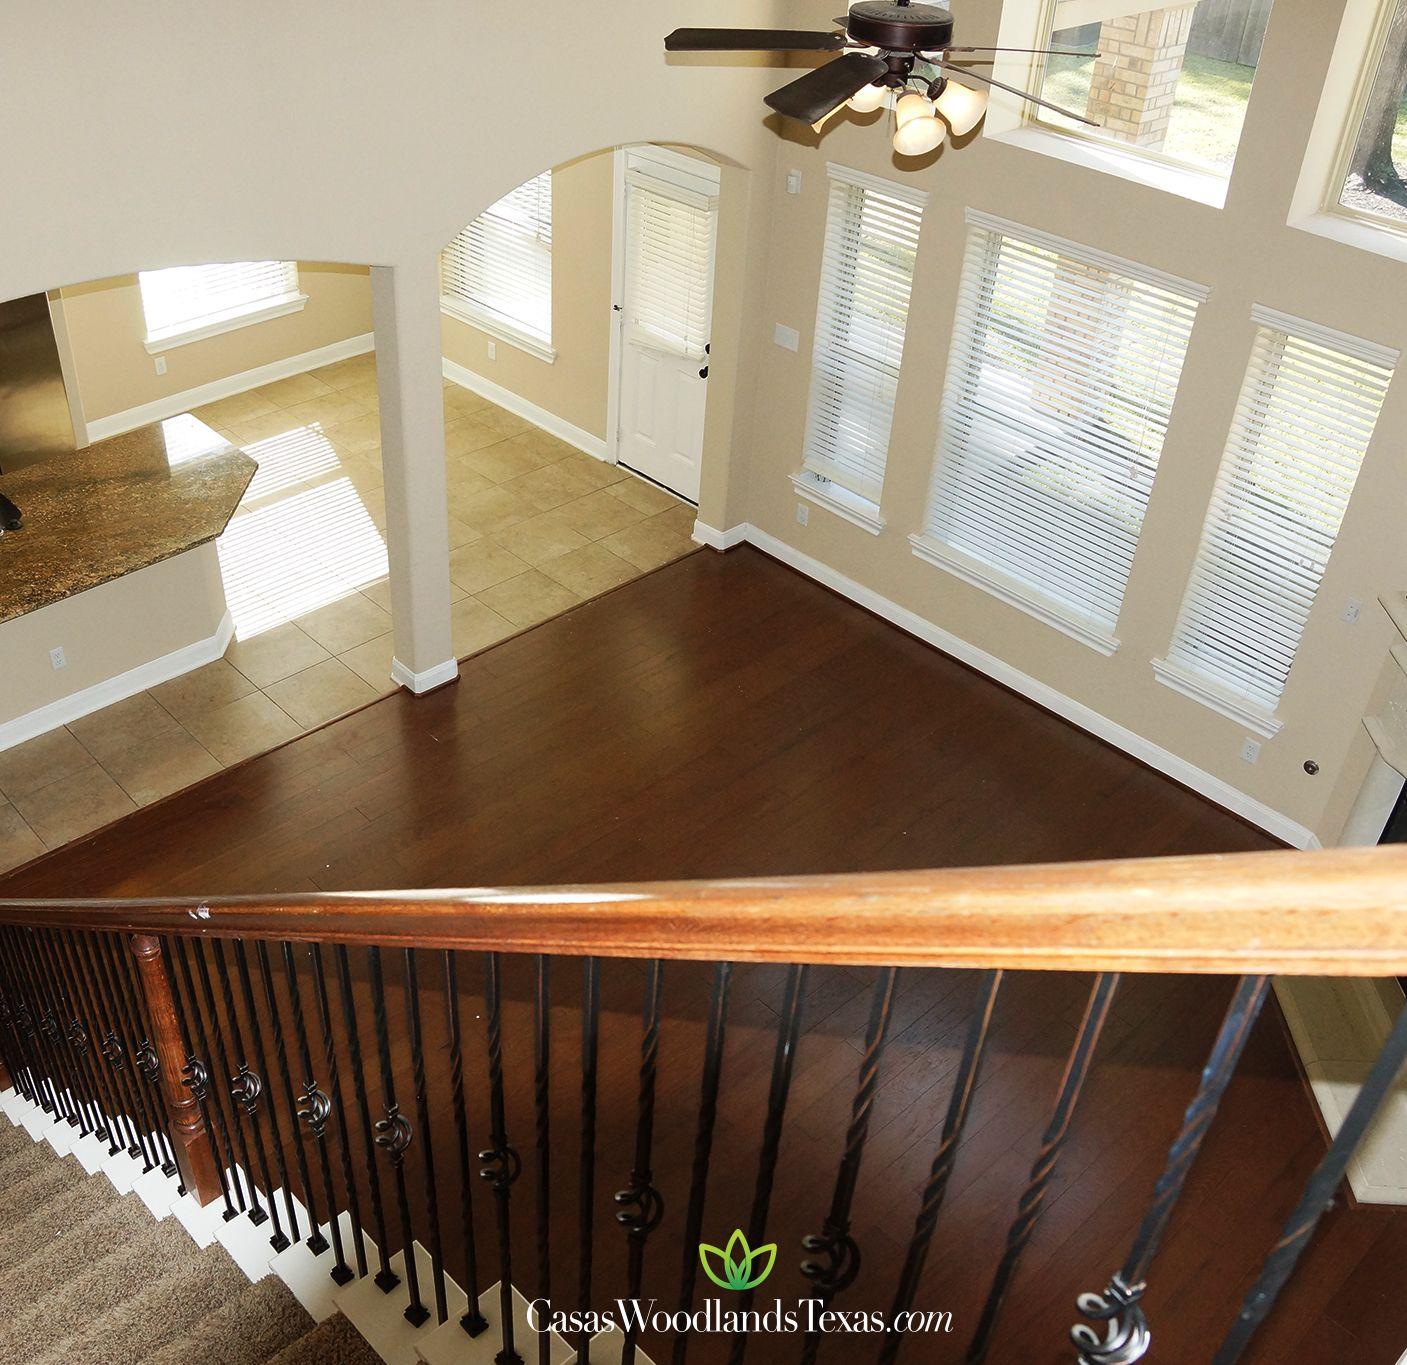 Escalera con barandal de hierro forjado y madera hogar for Decoracion de escaleras interiores